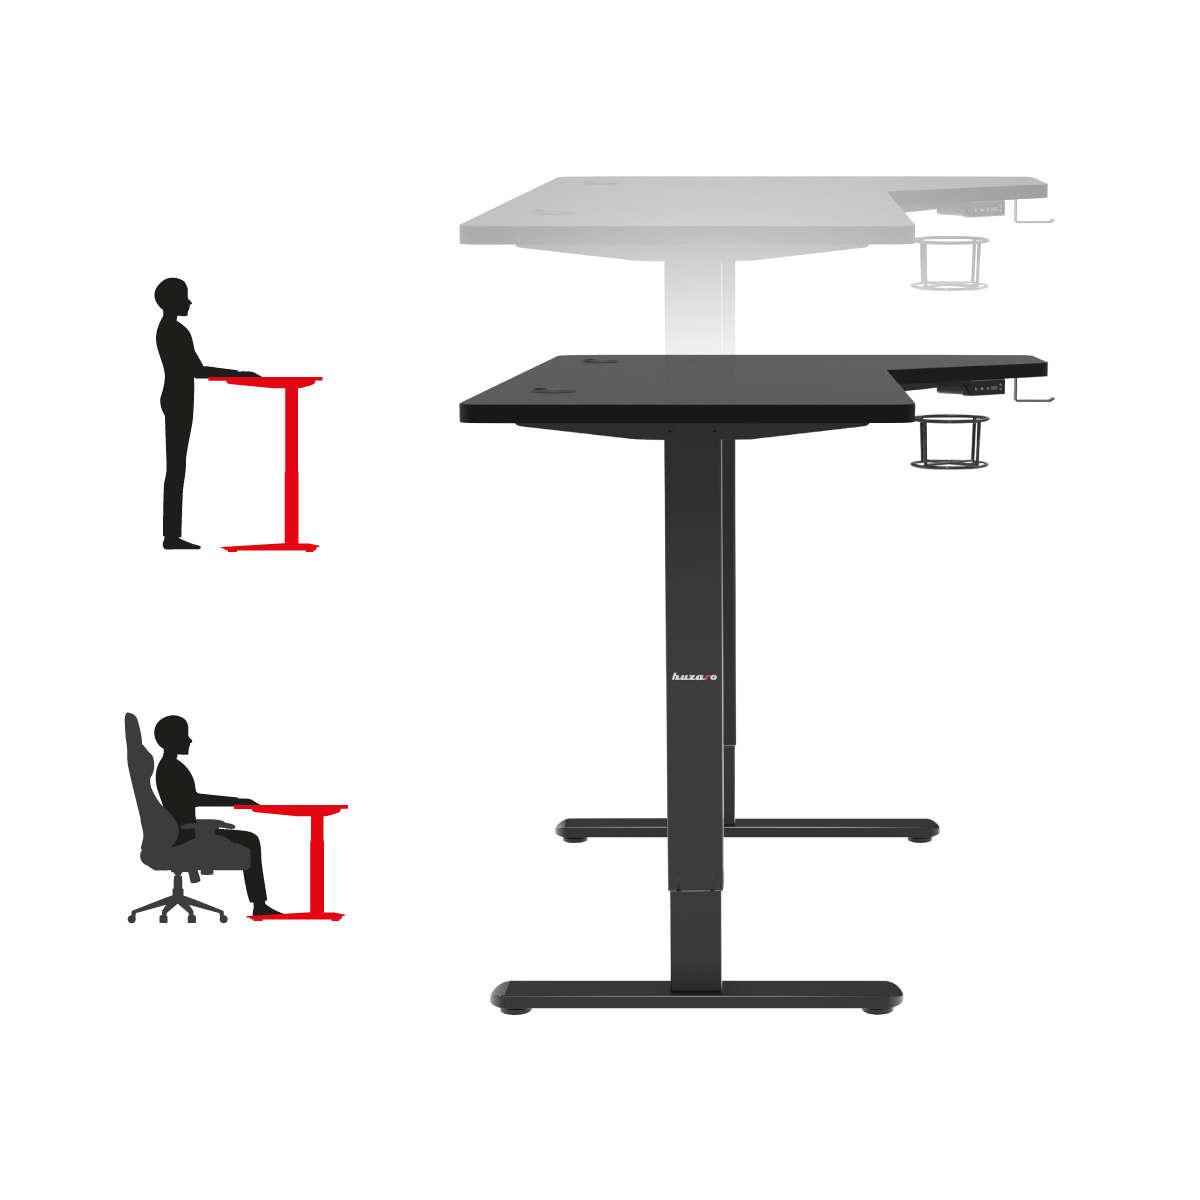 Regulacja wysokości biurka w Huzaro Hero 9.0